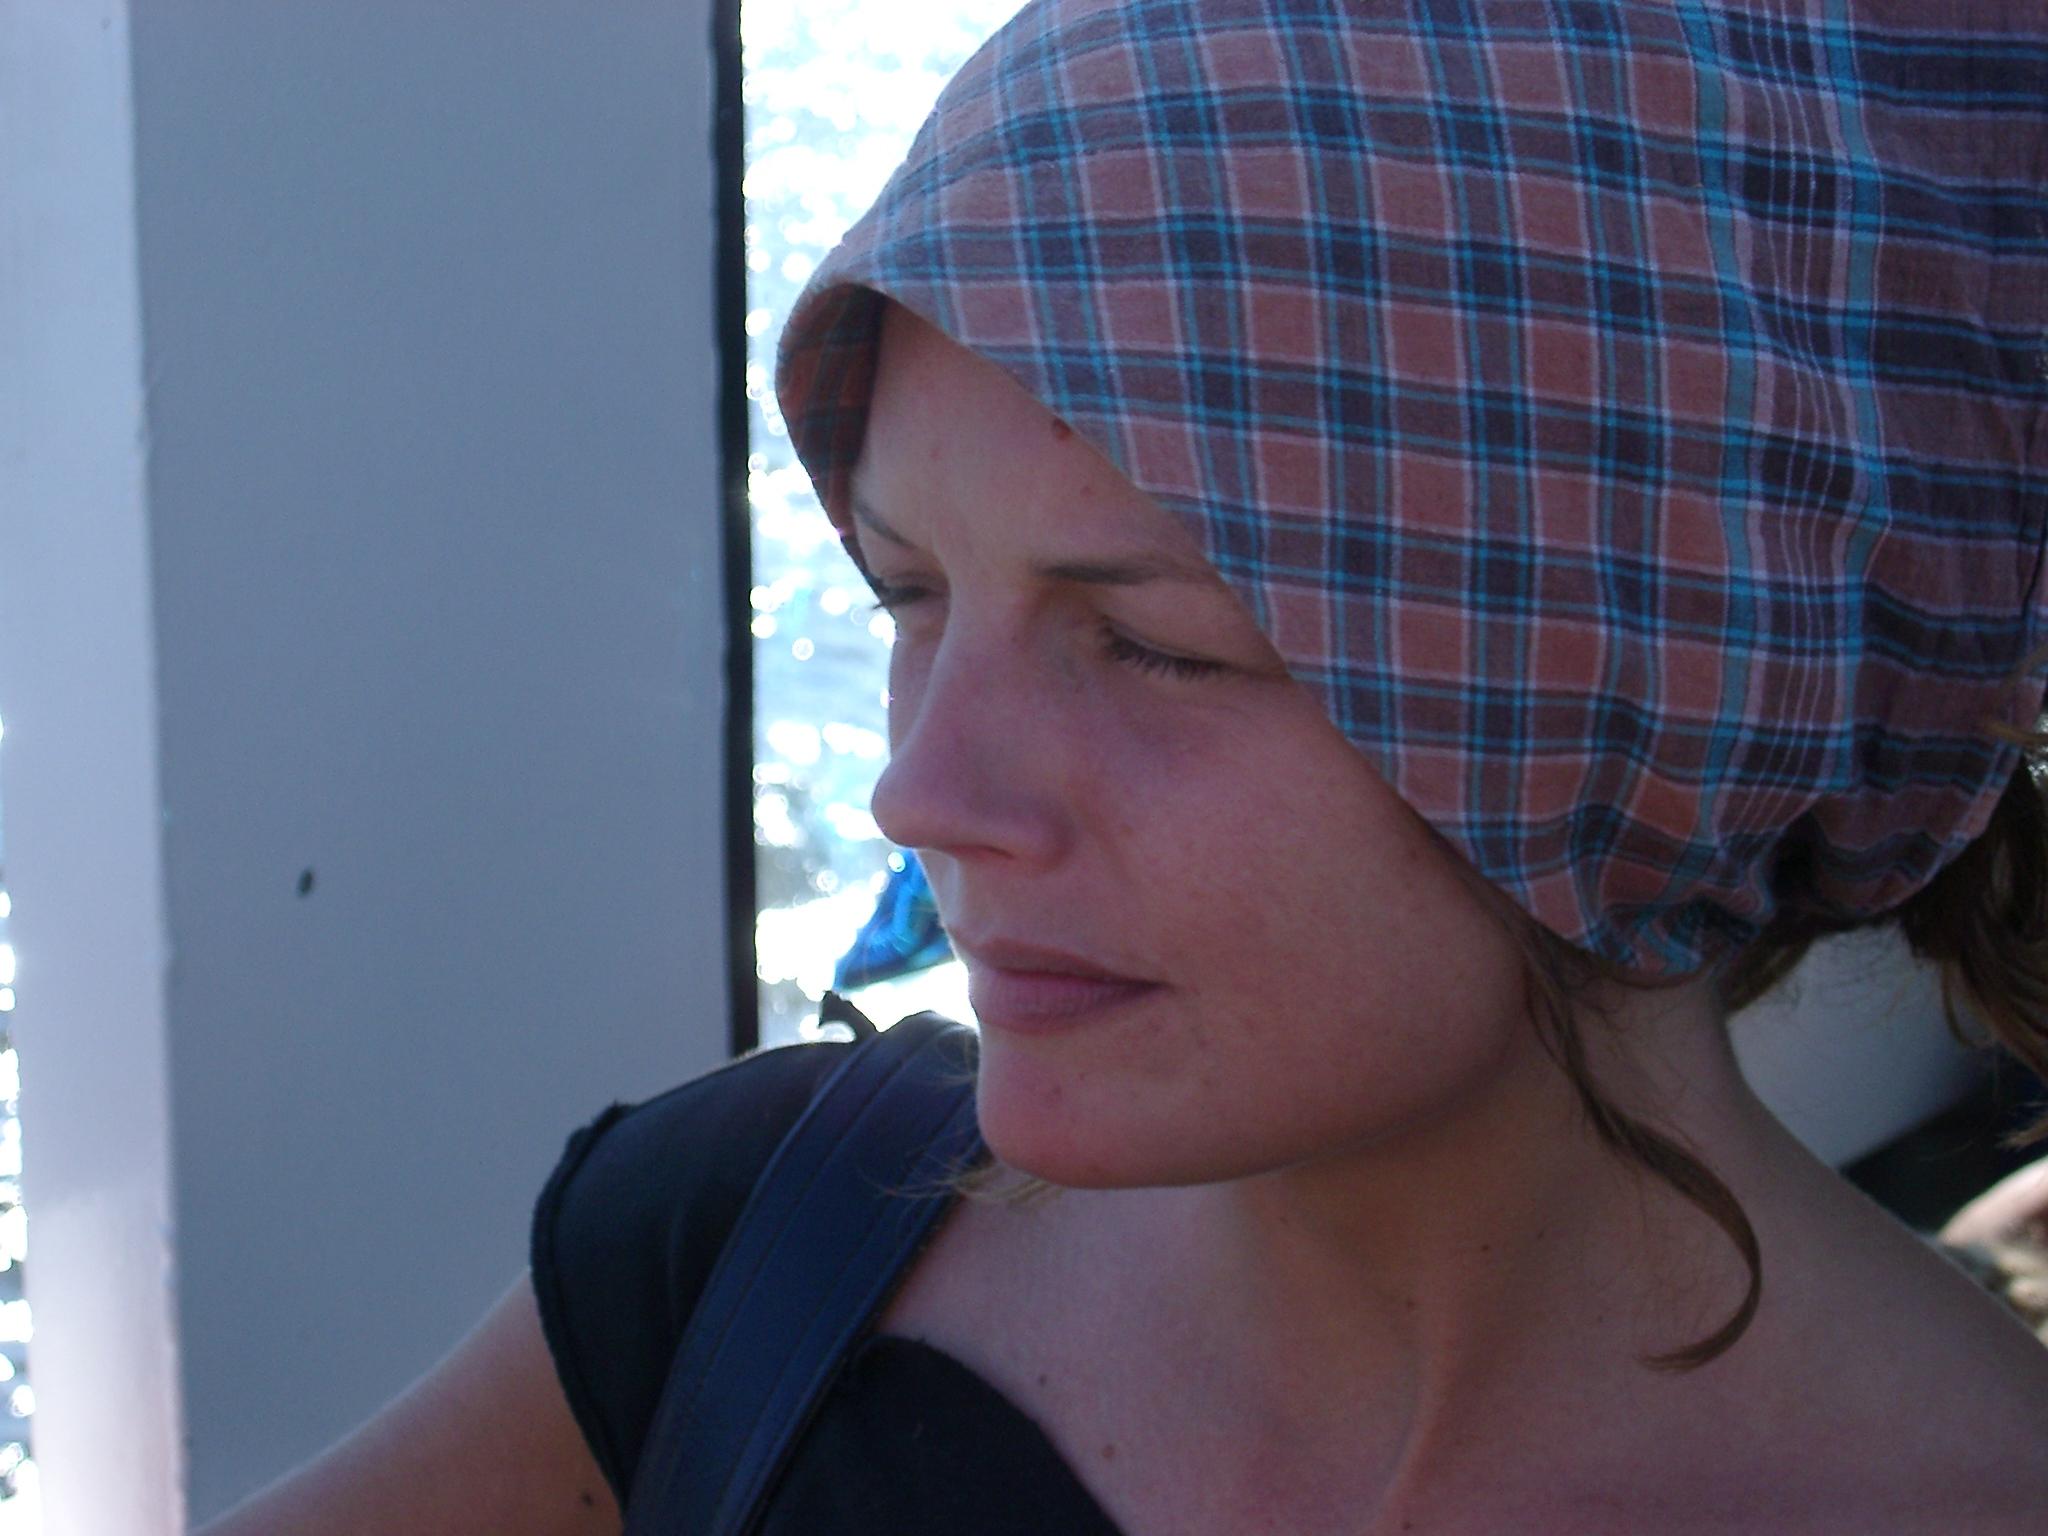 Lotta in Headscarf.JPG